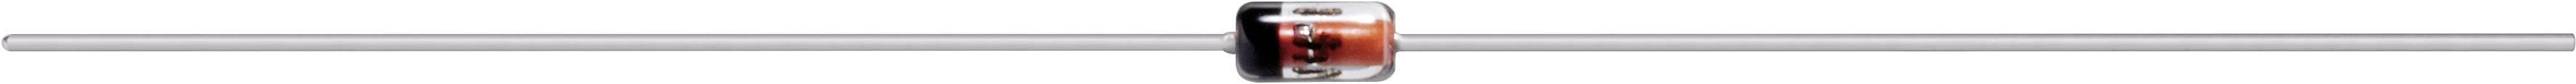 Štandardná dióda Vishay BA159-E3/73 BA159-E3/73 1 A, 1000 V